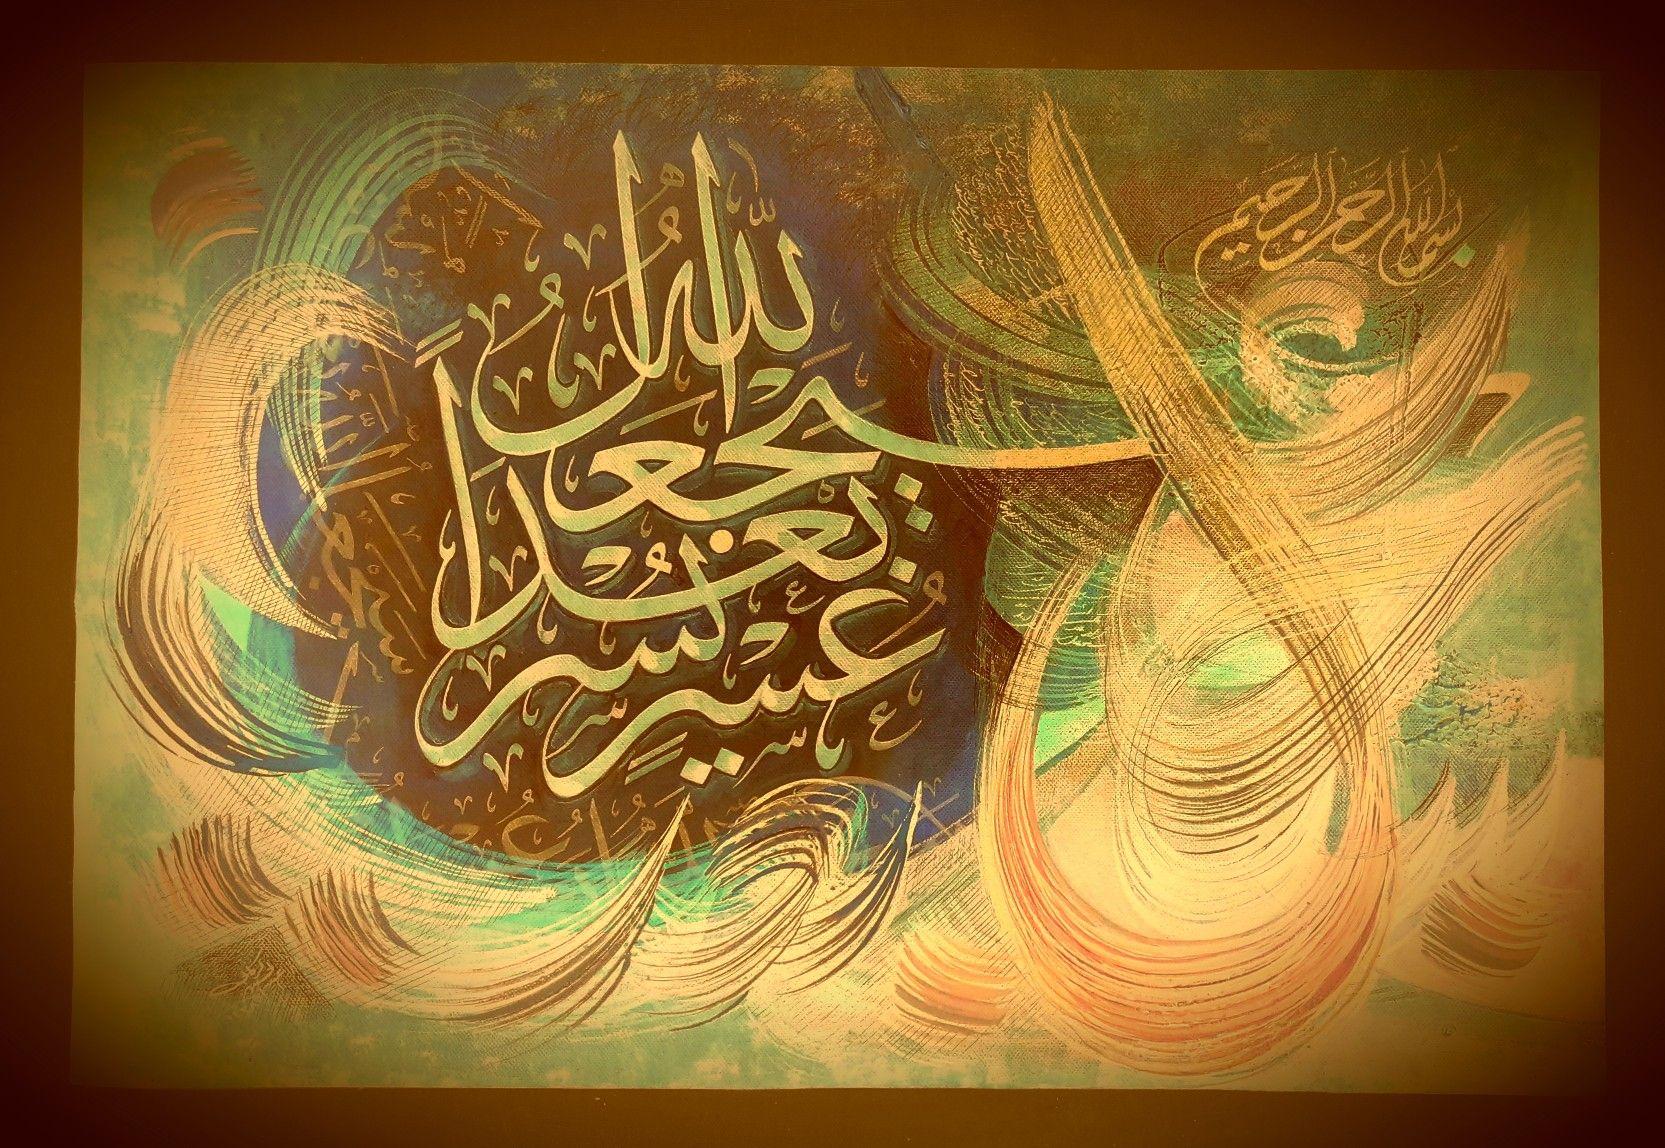 سيجعل الله بعد عسر يسرا Artwork Art Arabic Calligraphy